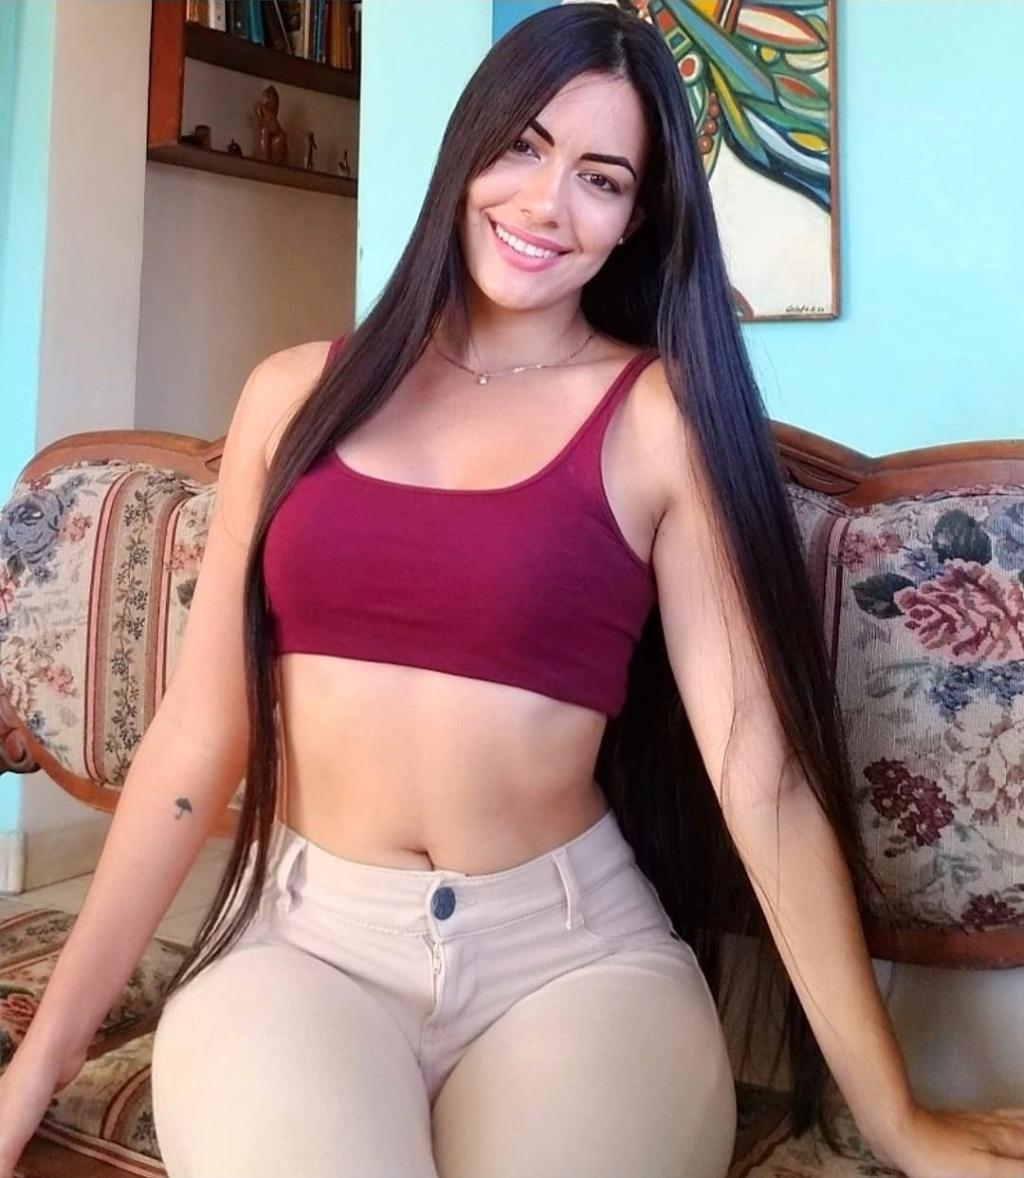 DEBATE sobre belleza, guapura y hermosura (fotos de chicas latinas, mestizas, y de todo) - VOL II - Página 15 12843410